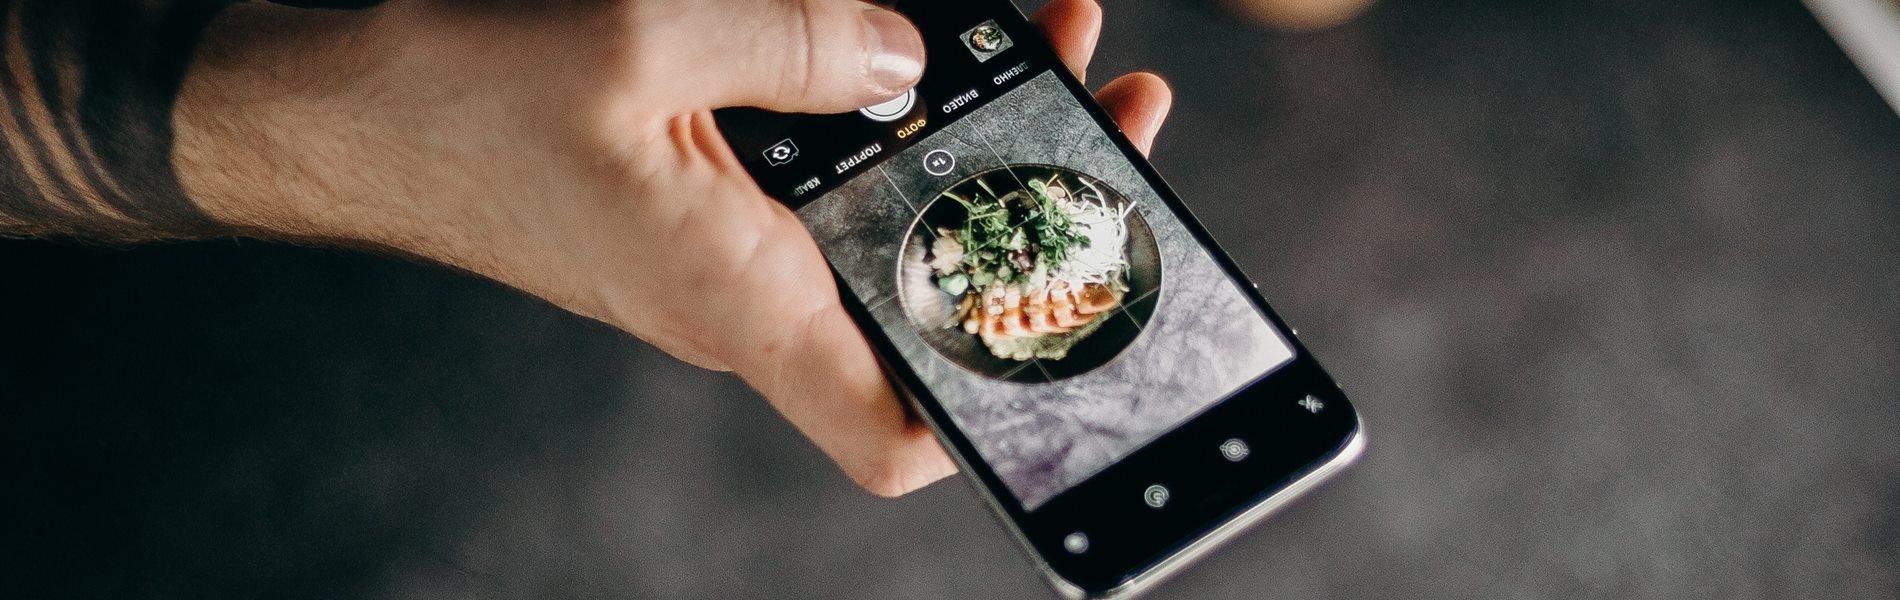 Продвижение ресторана в Инстаграм